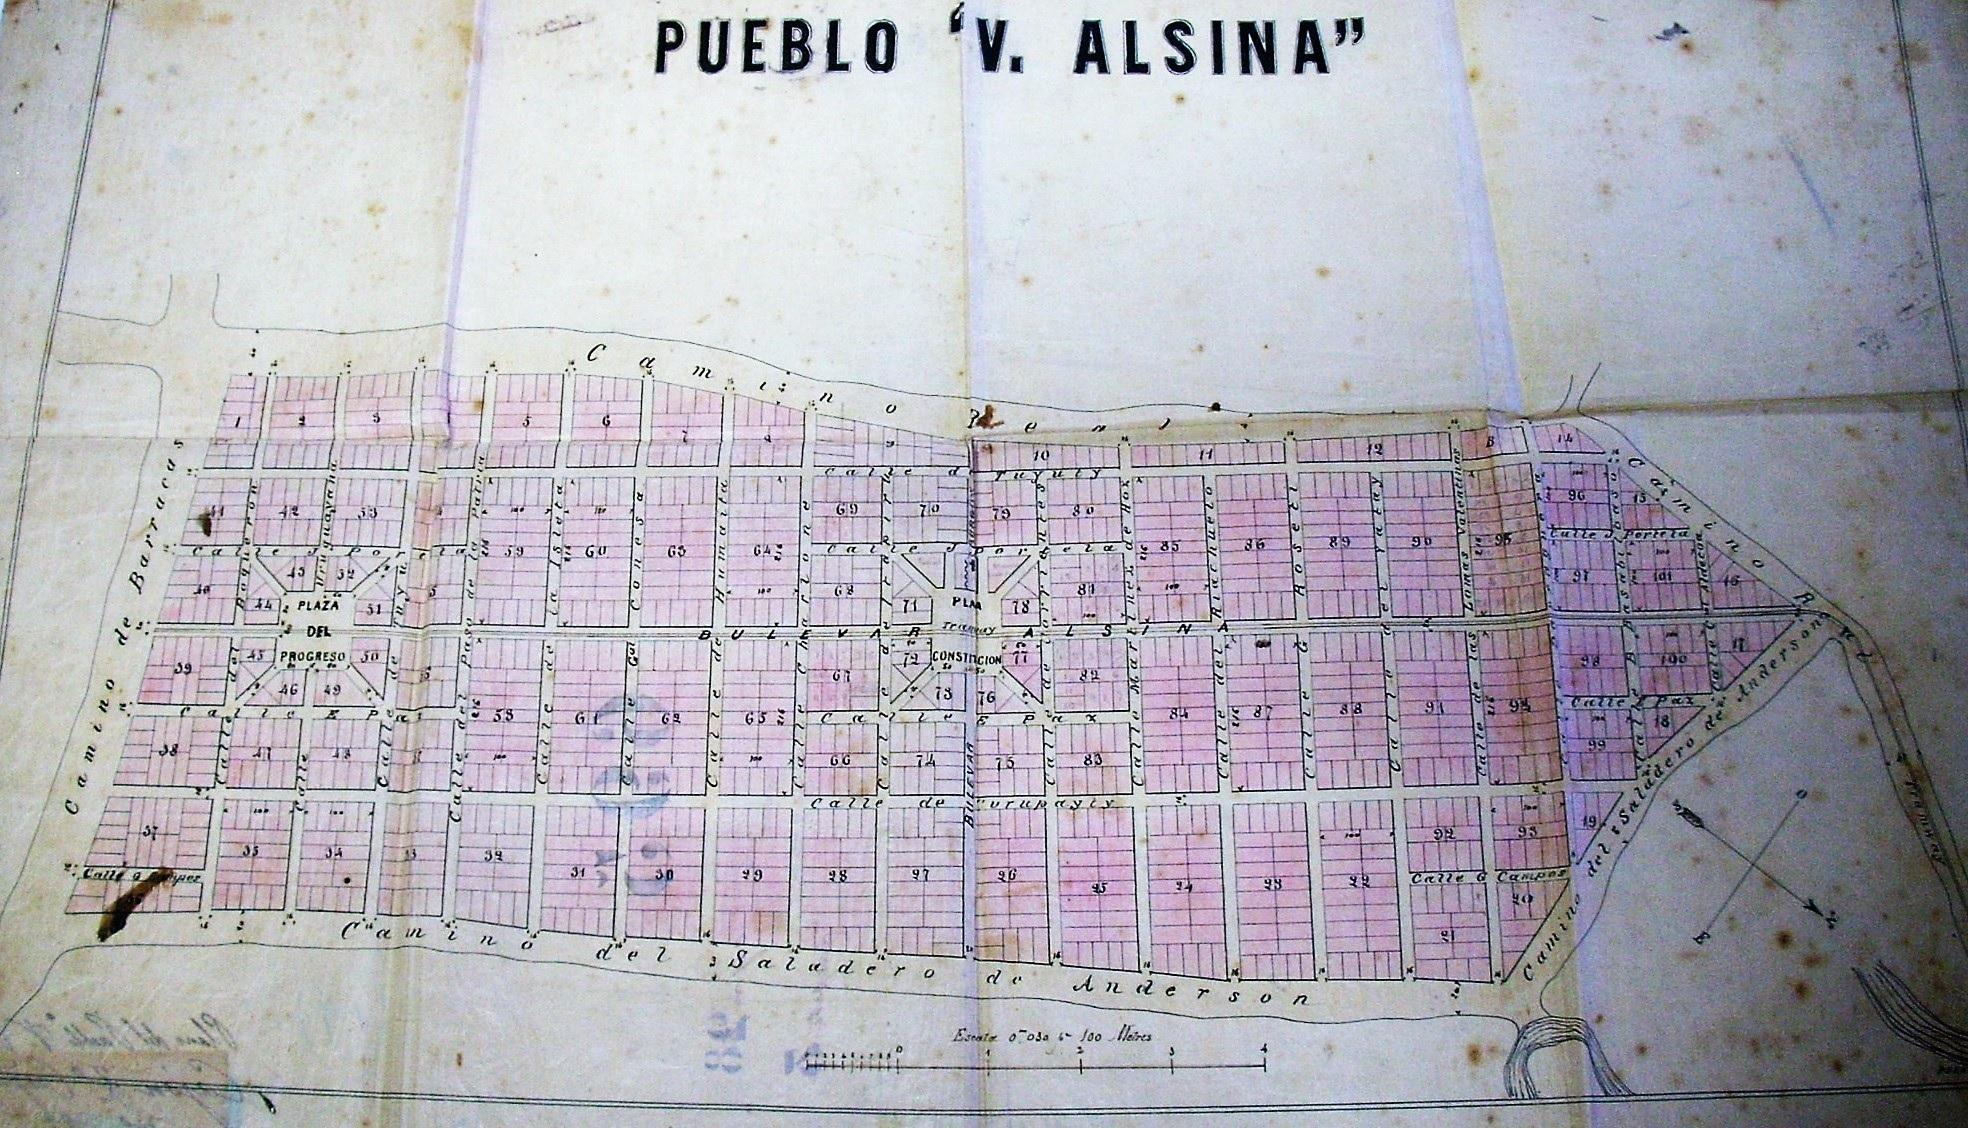 Plano del pueblo Valentín  Alsina (1875)